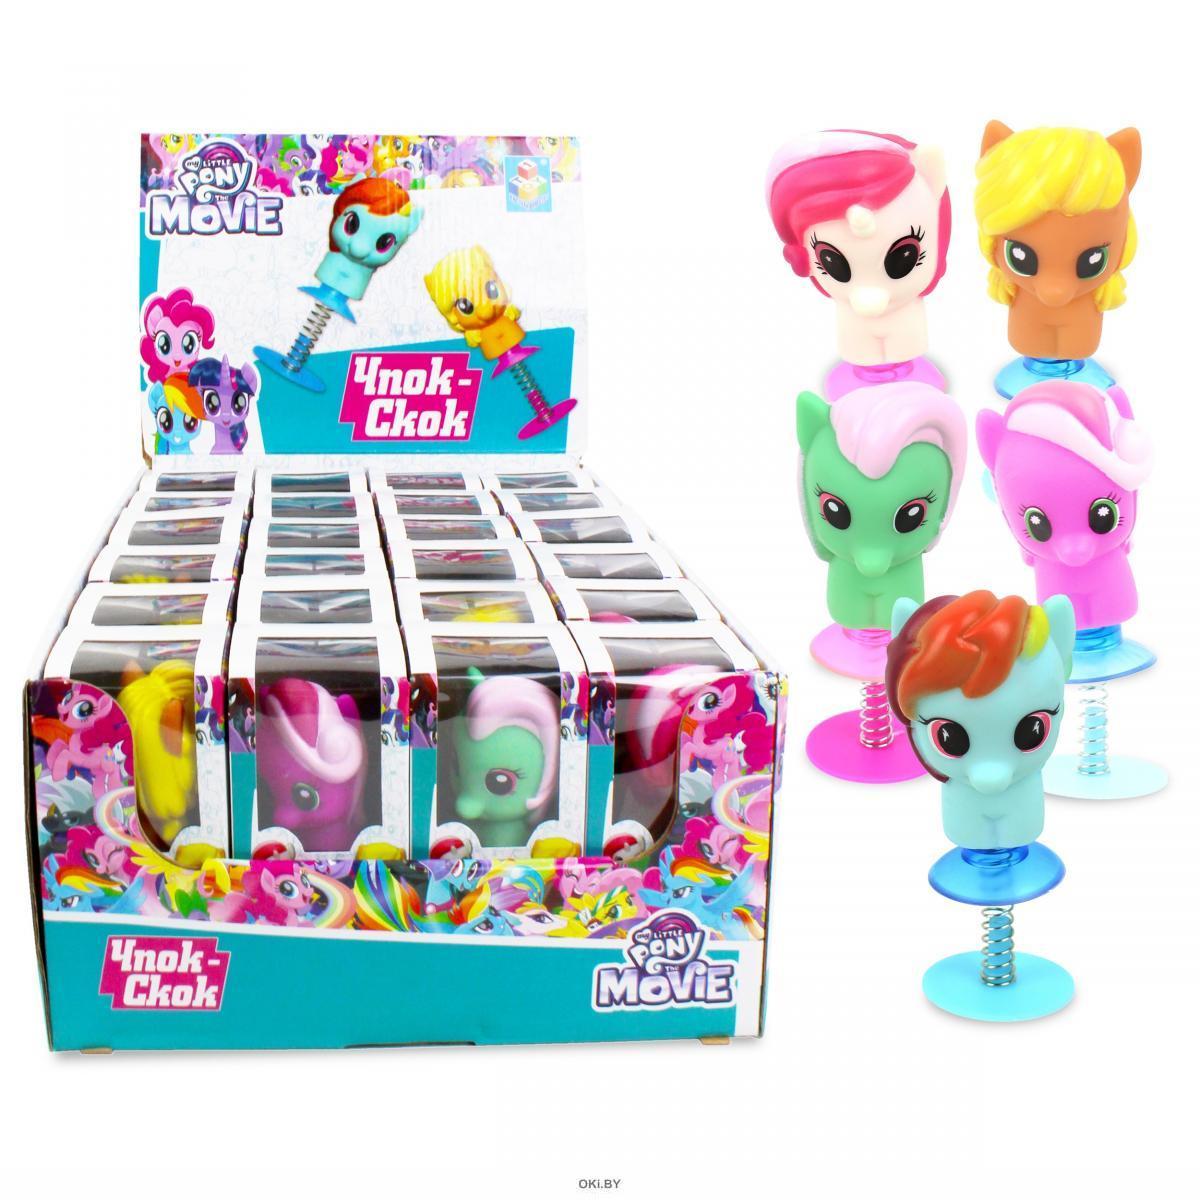 Игрушка-прыгун Чпок-Скок: My Little Pony (арт. Т13811)